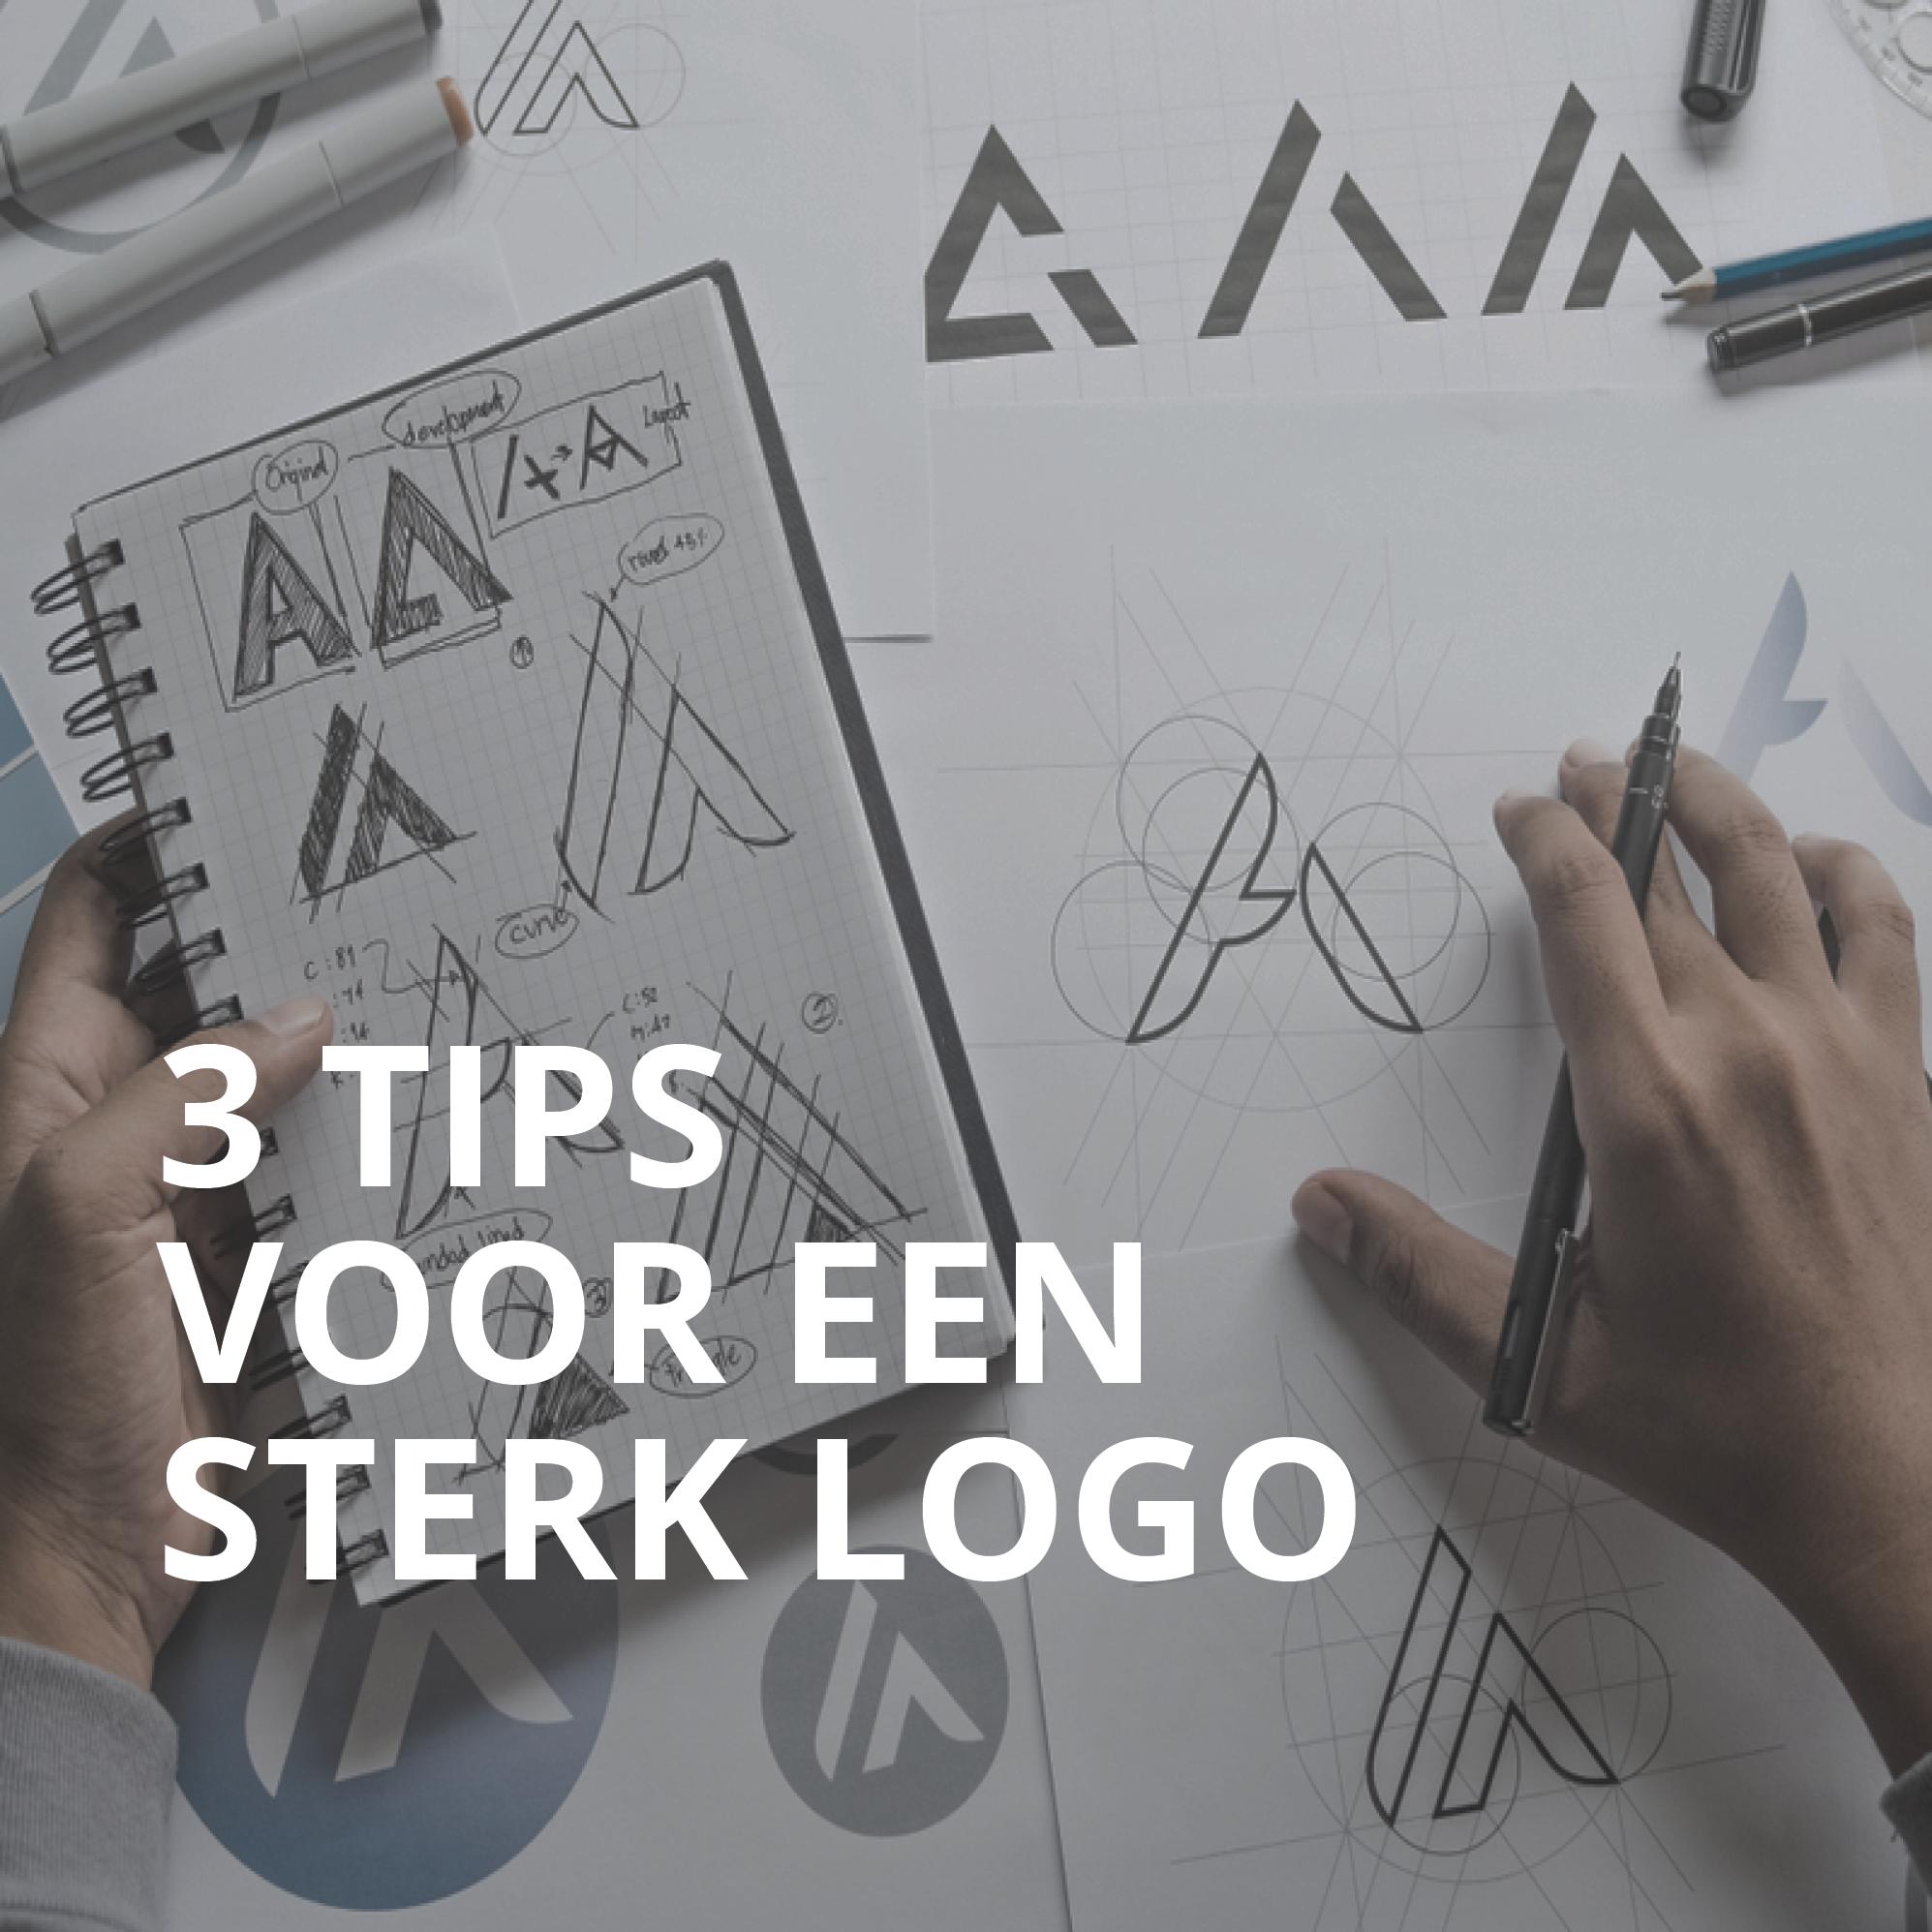 3 tips voor een sterk logo